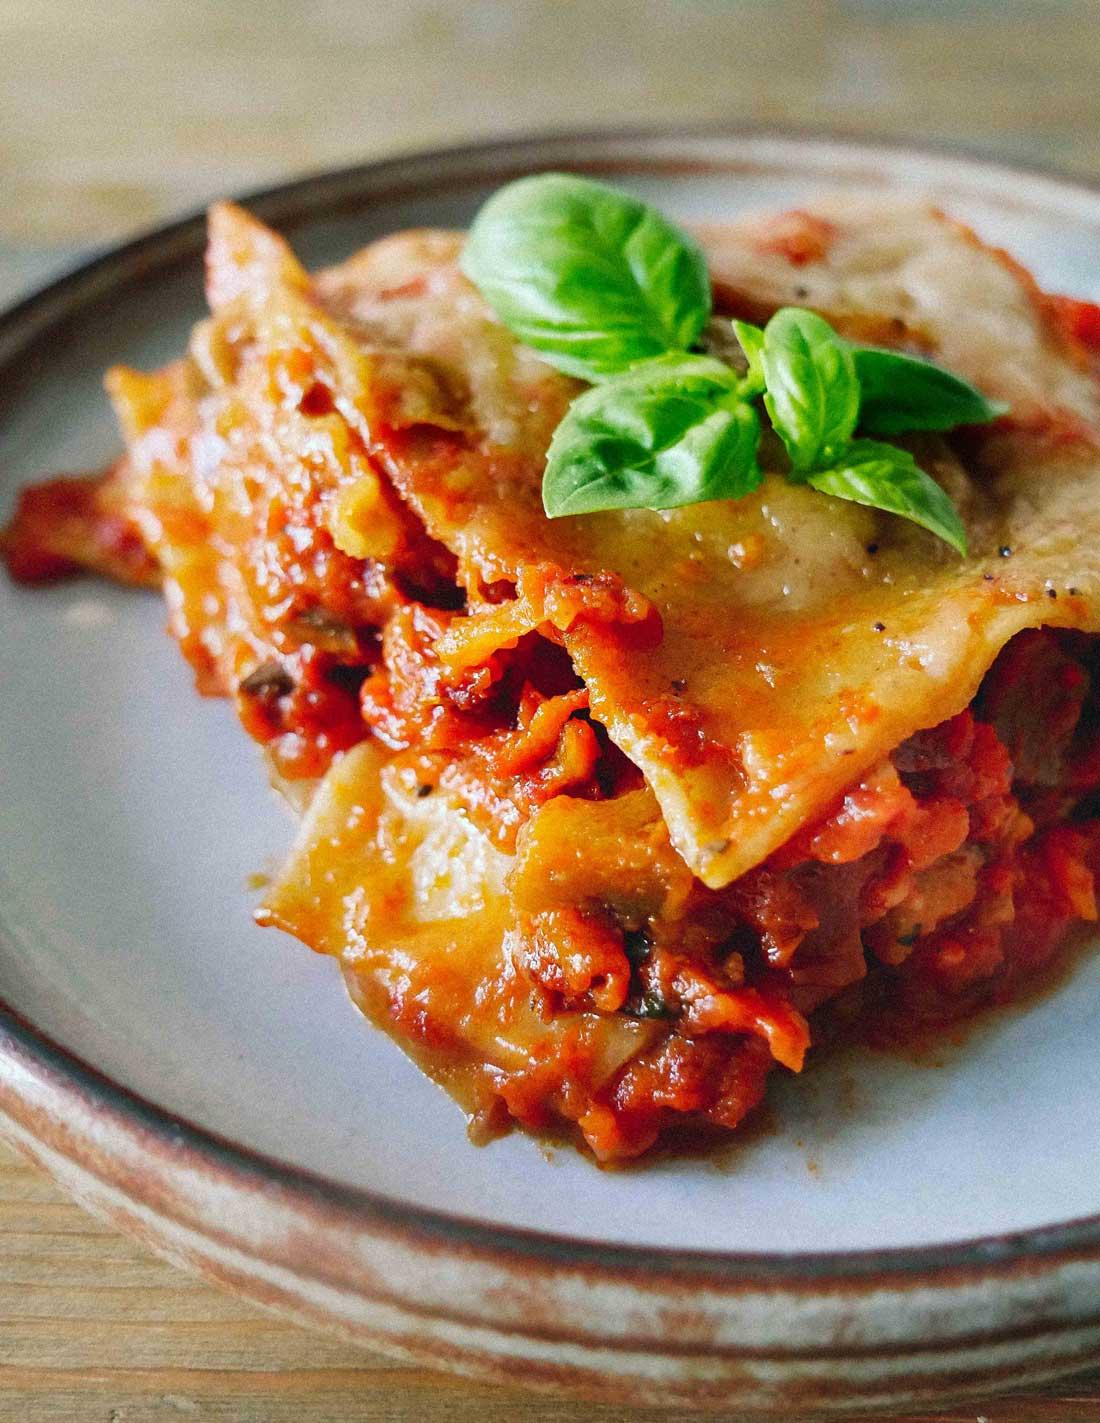 nem opskrift på vegansk lasagne